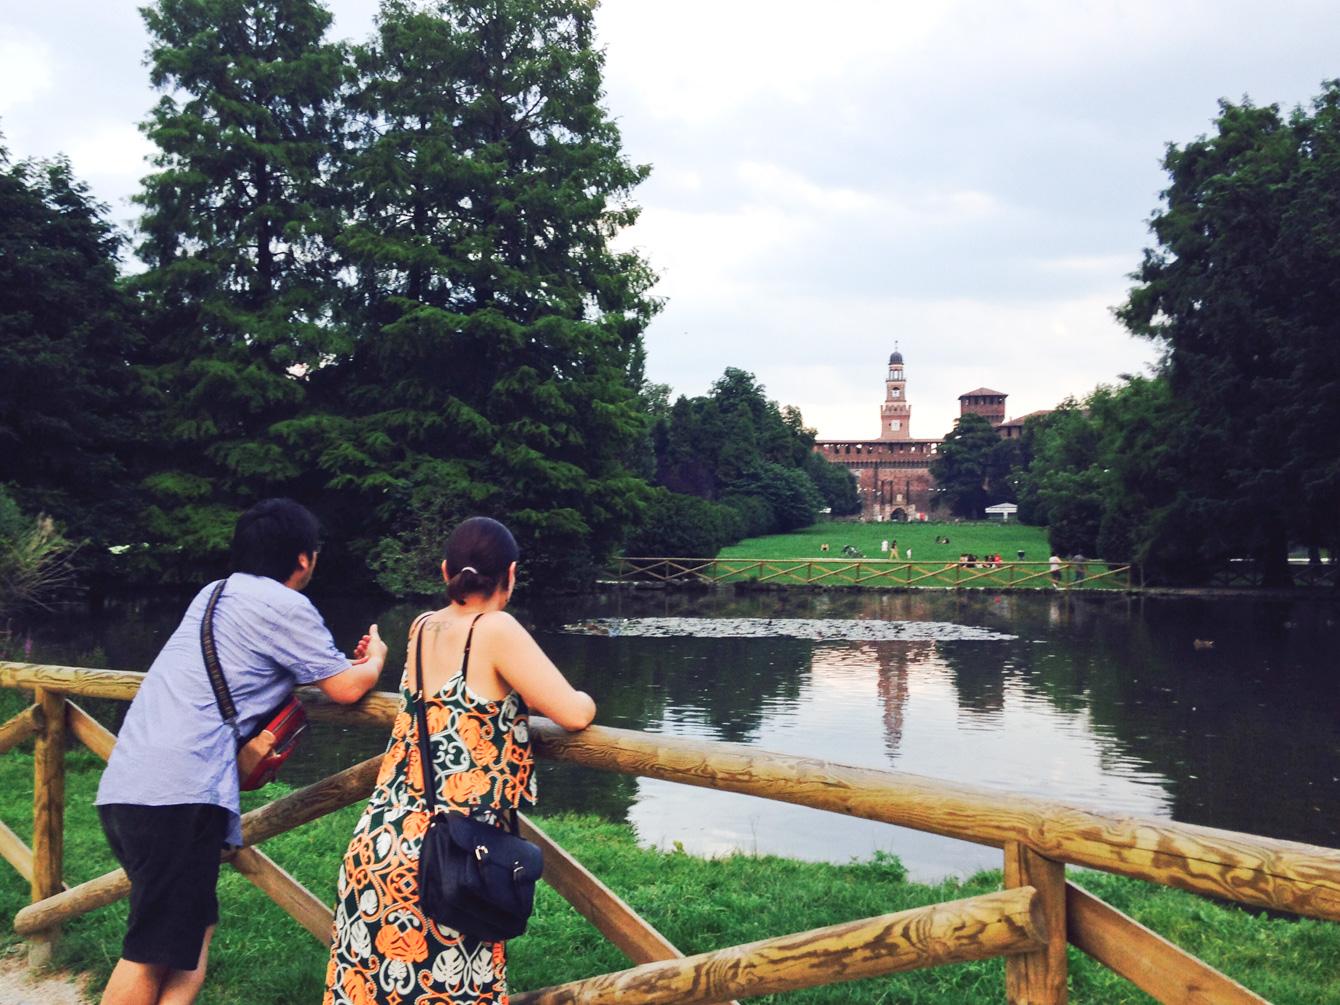 ミラノ市民が集う公園で、日本について語り合うふたり。